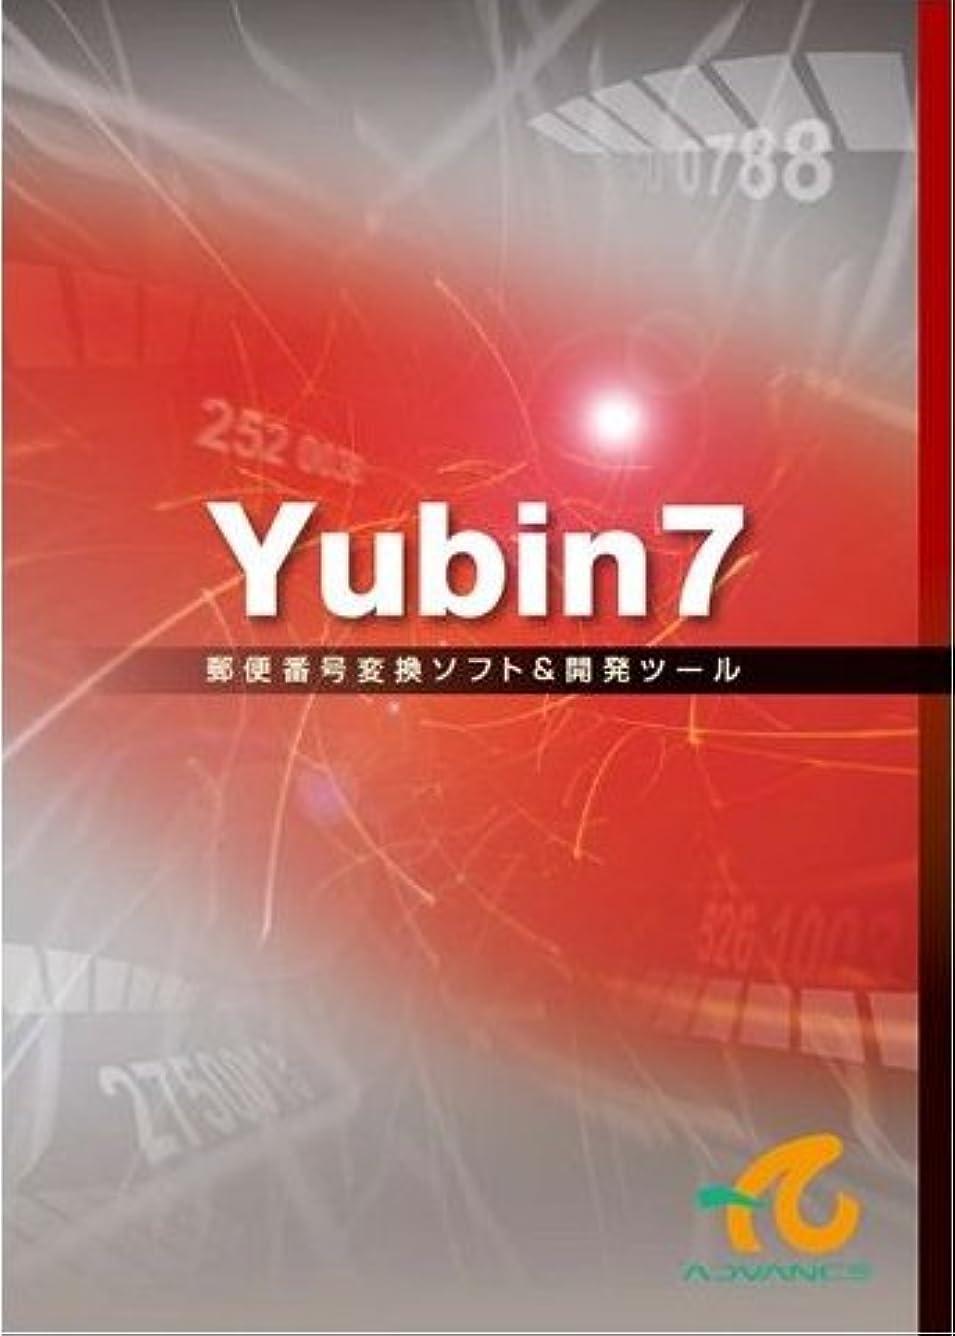 ベンチャー形容詞マニフェストアドバンスソフトウェア 郵便番号変換ソフト & 開発ツール Yubin7 Ver2.6